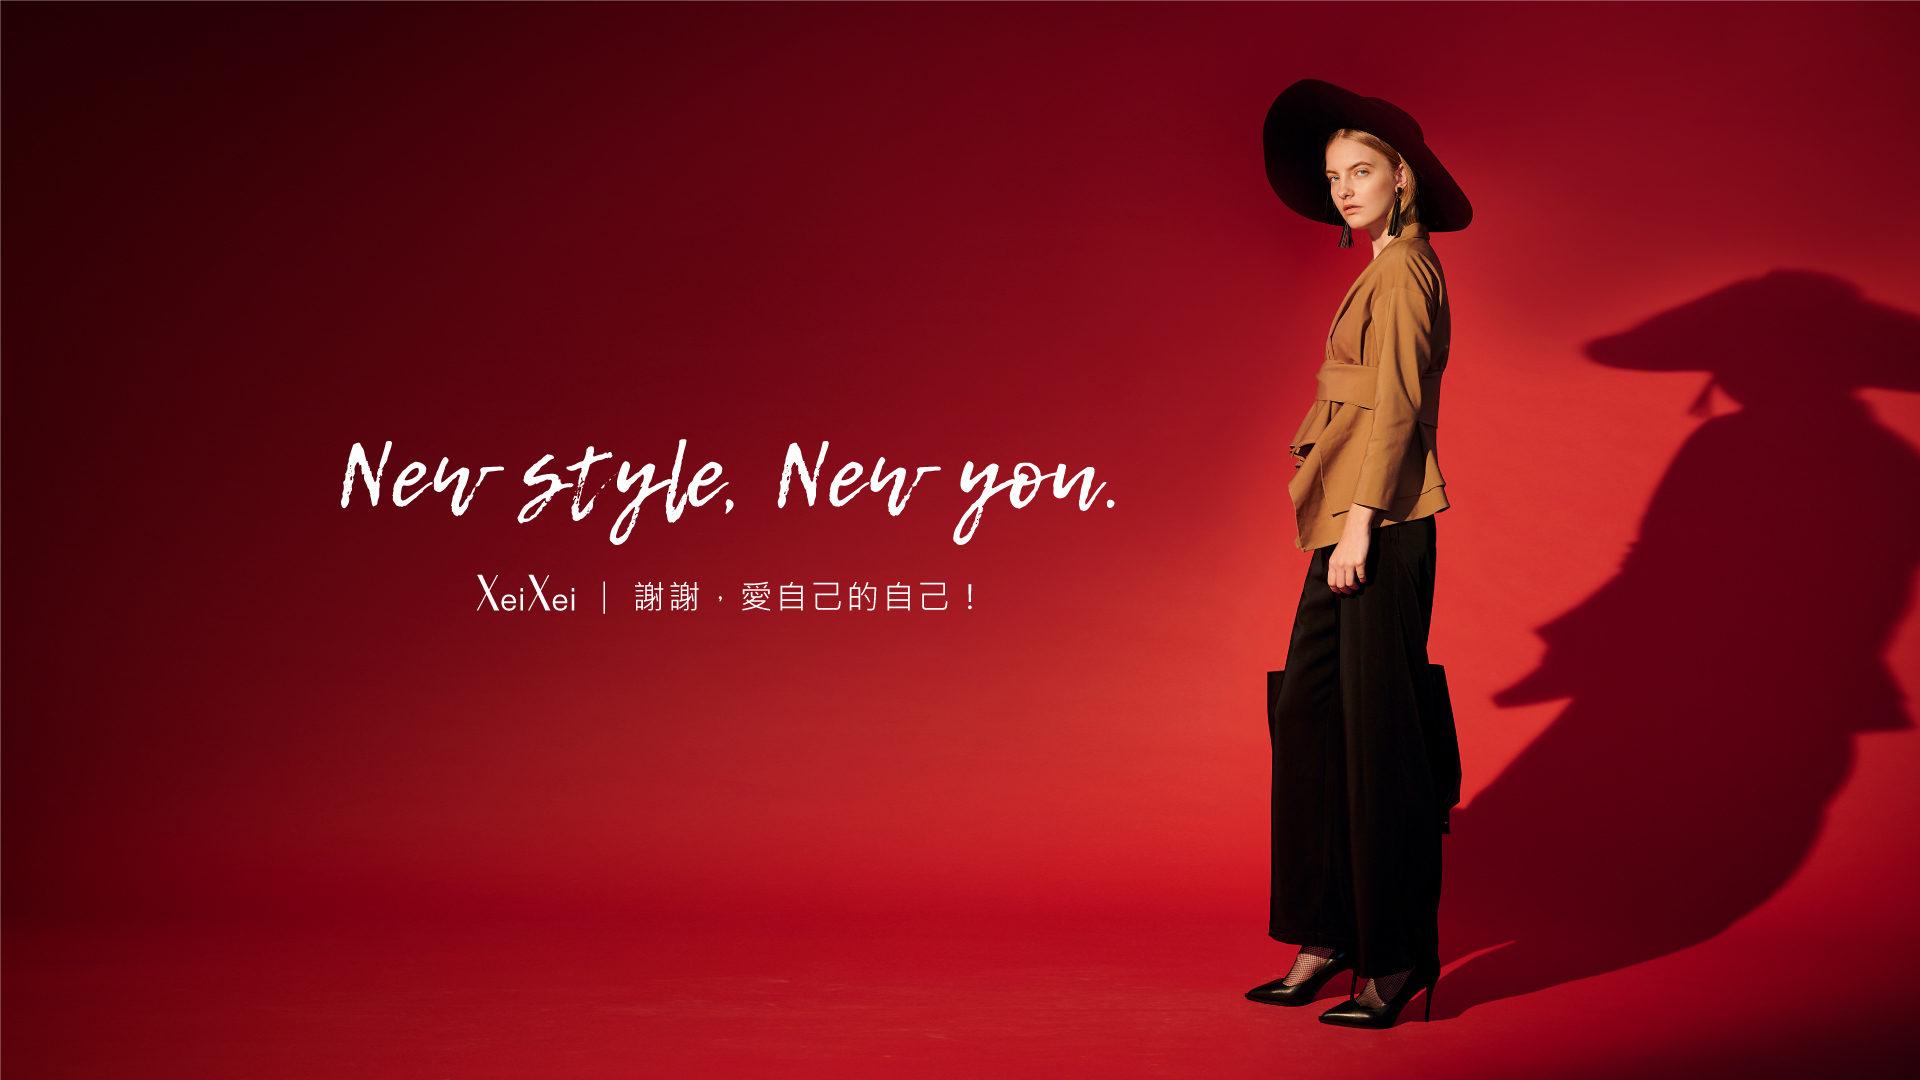 謝謝,愛自己的自己!時裝品牌XeiXei再現流行爆發力